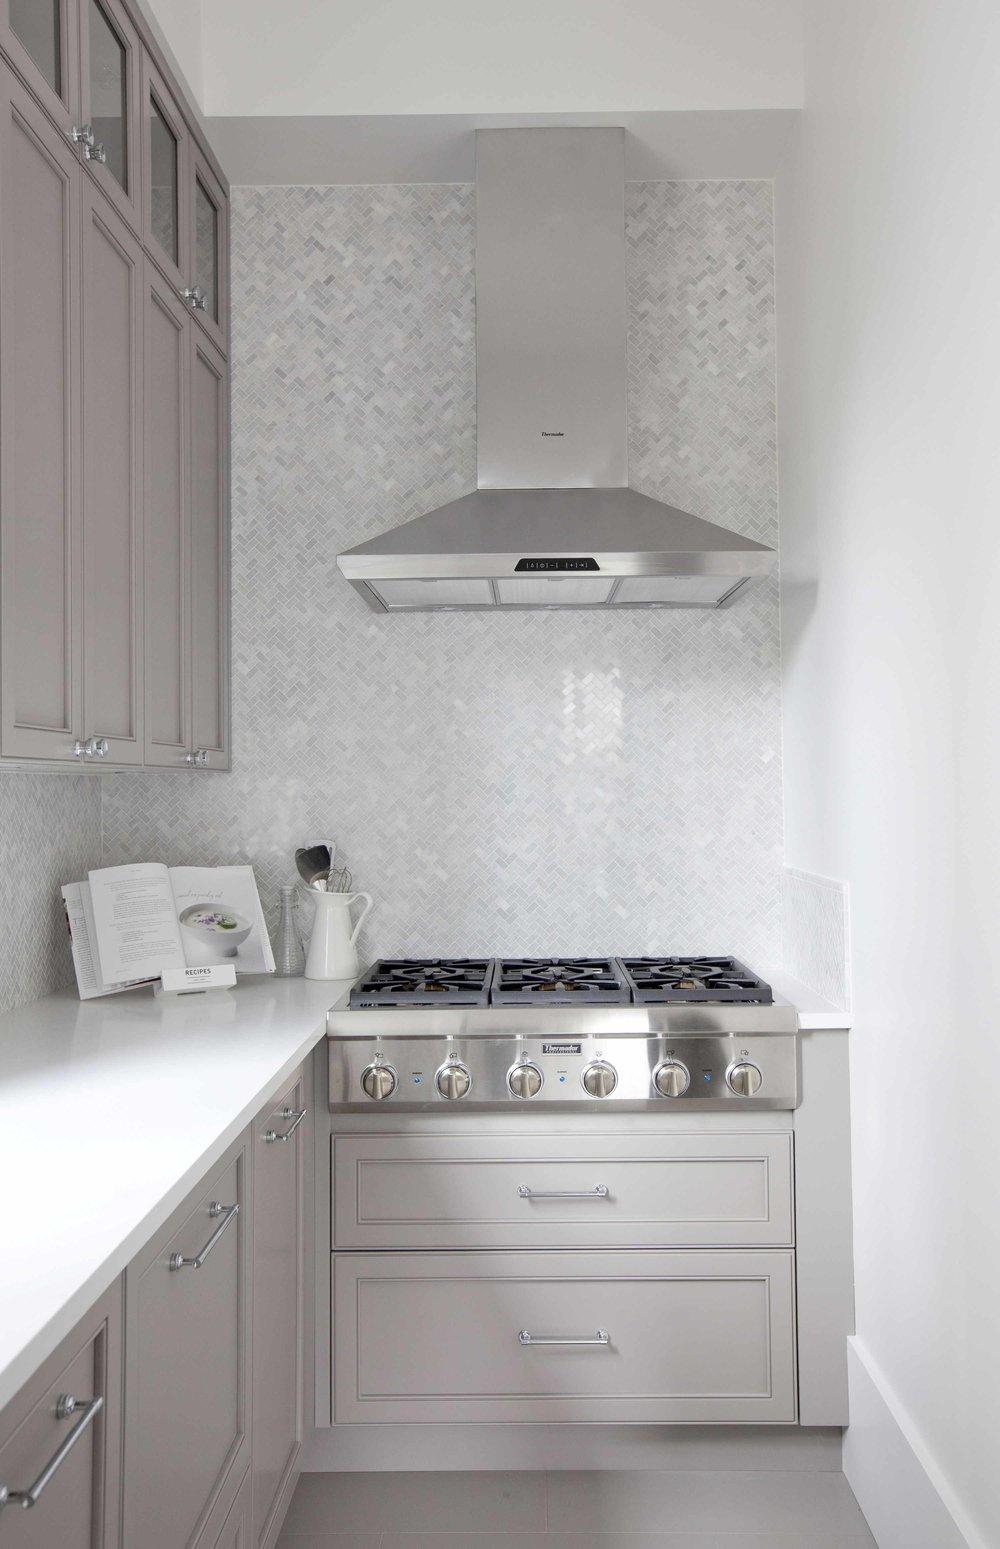 wok kitchen1)-compressed.jpg